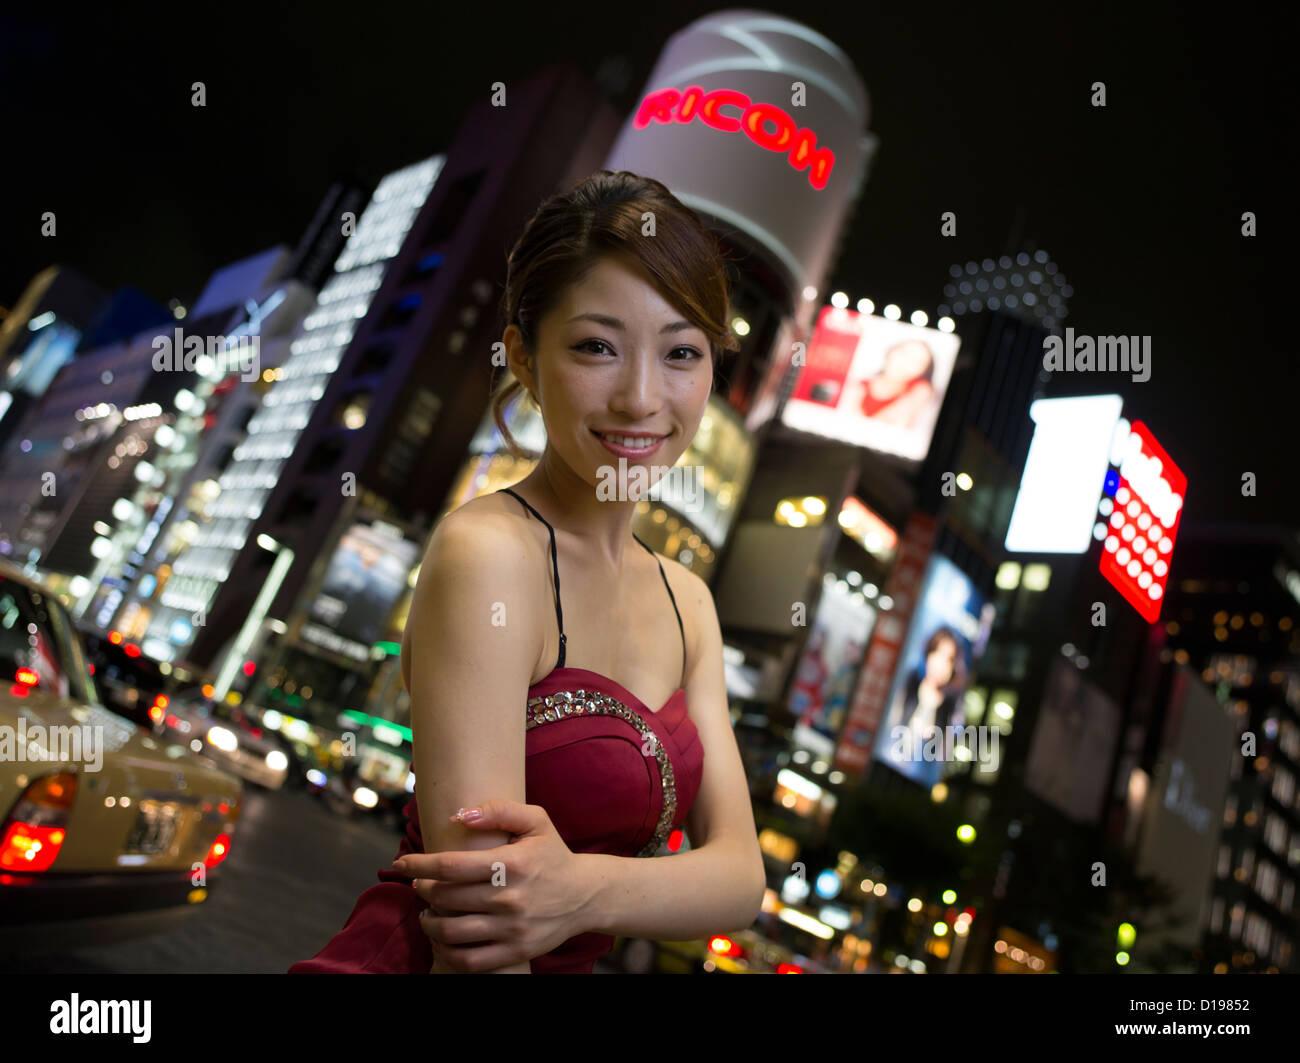 Japanische Mädchen genießen das shopping und Nachtleben von Ginza 4-Chome, Tokyo, Japan Stockbild